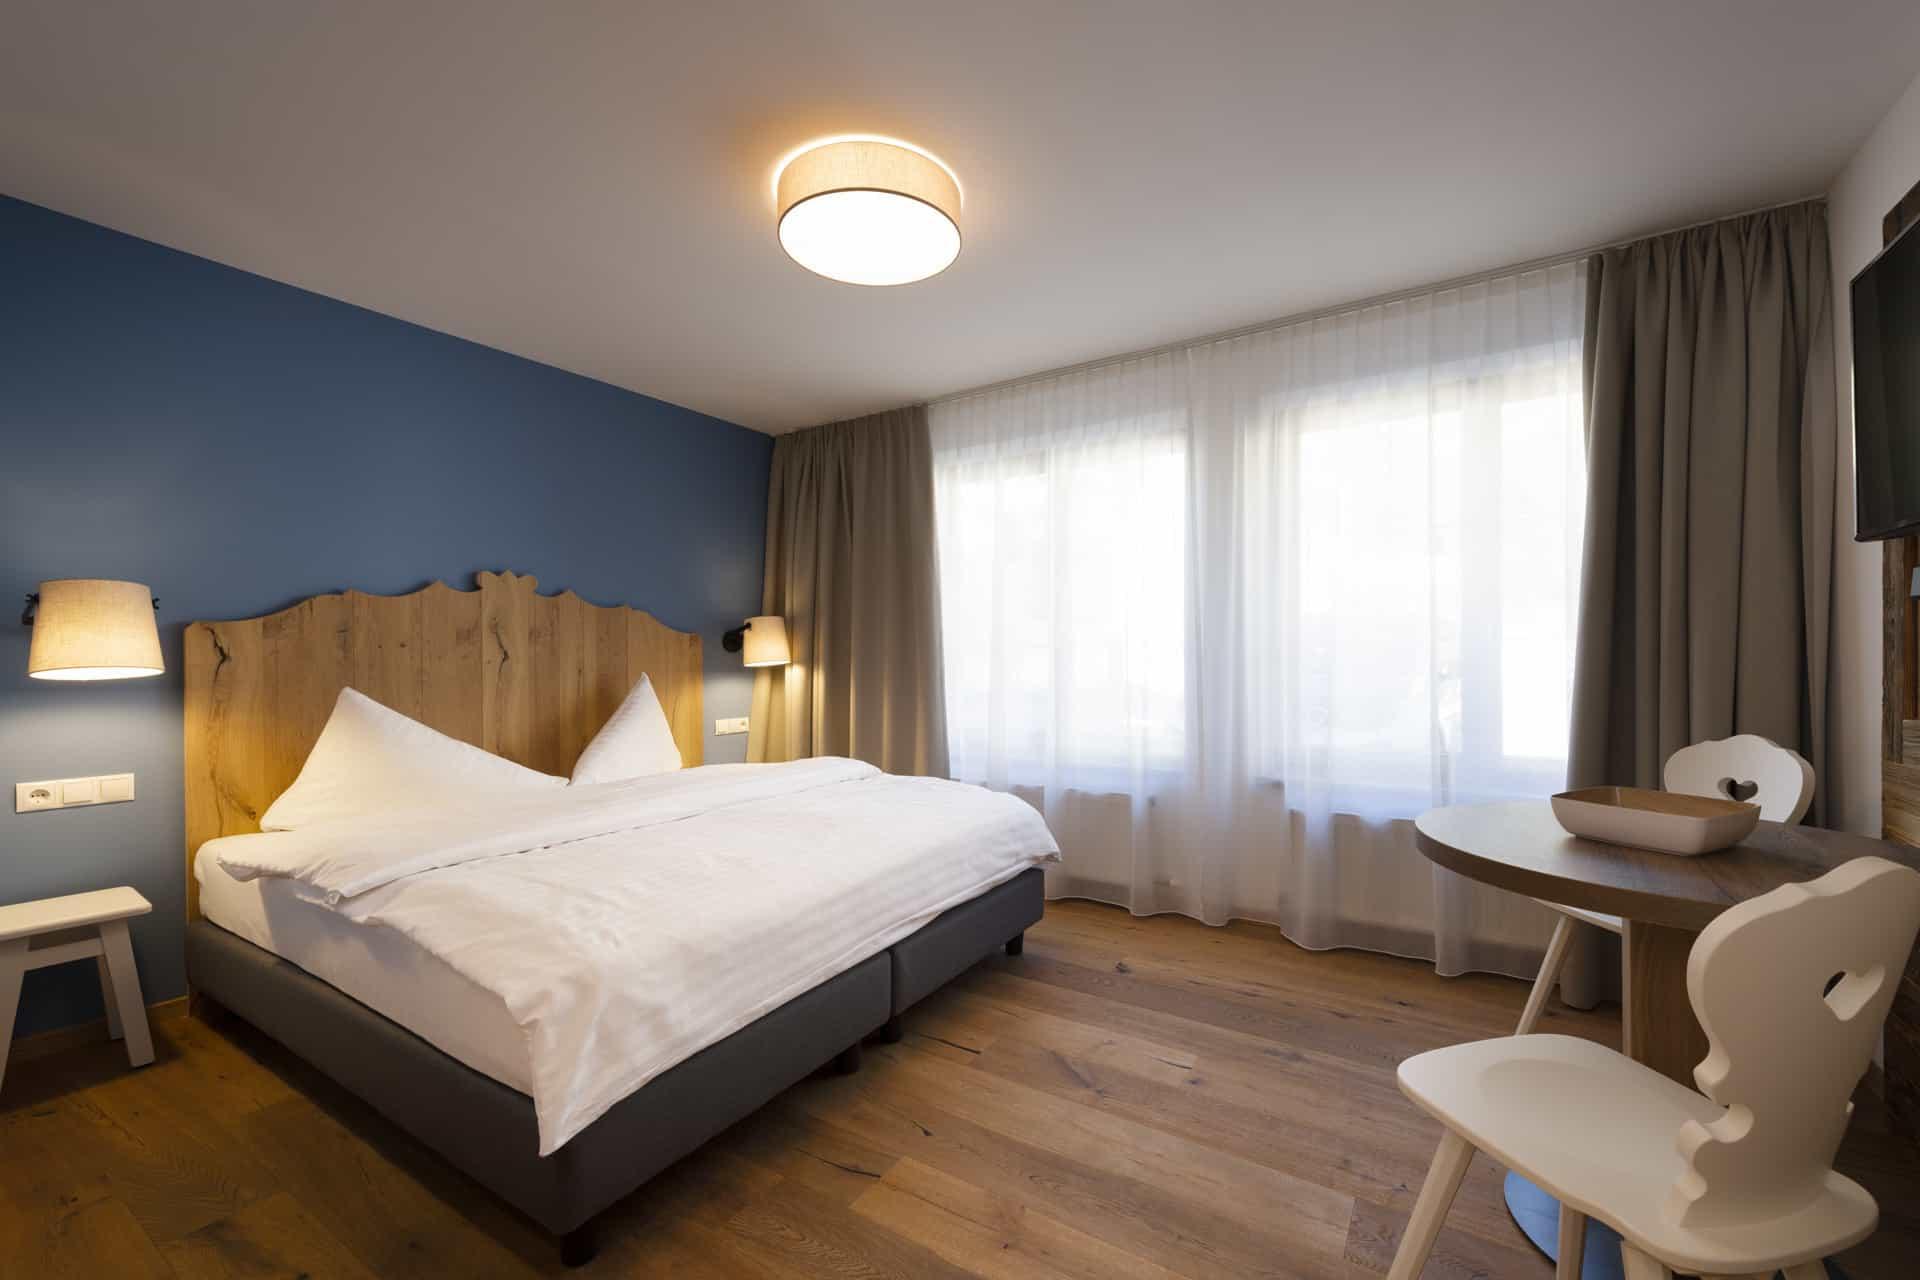 Sepp-und-Hannis-Ferienwohnungen-Tirol-Minisuite-Kitzeben-Doppelbett-Essbereich